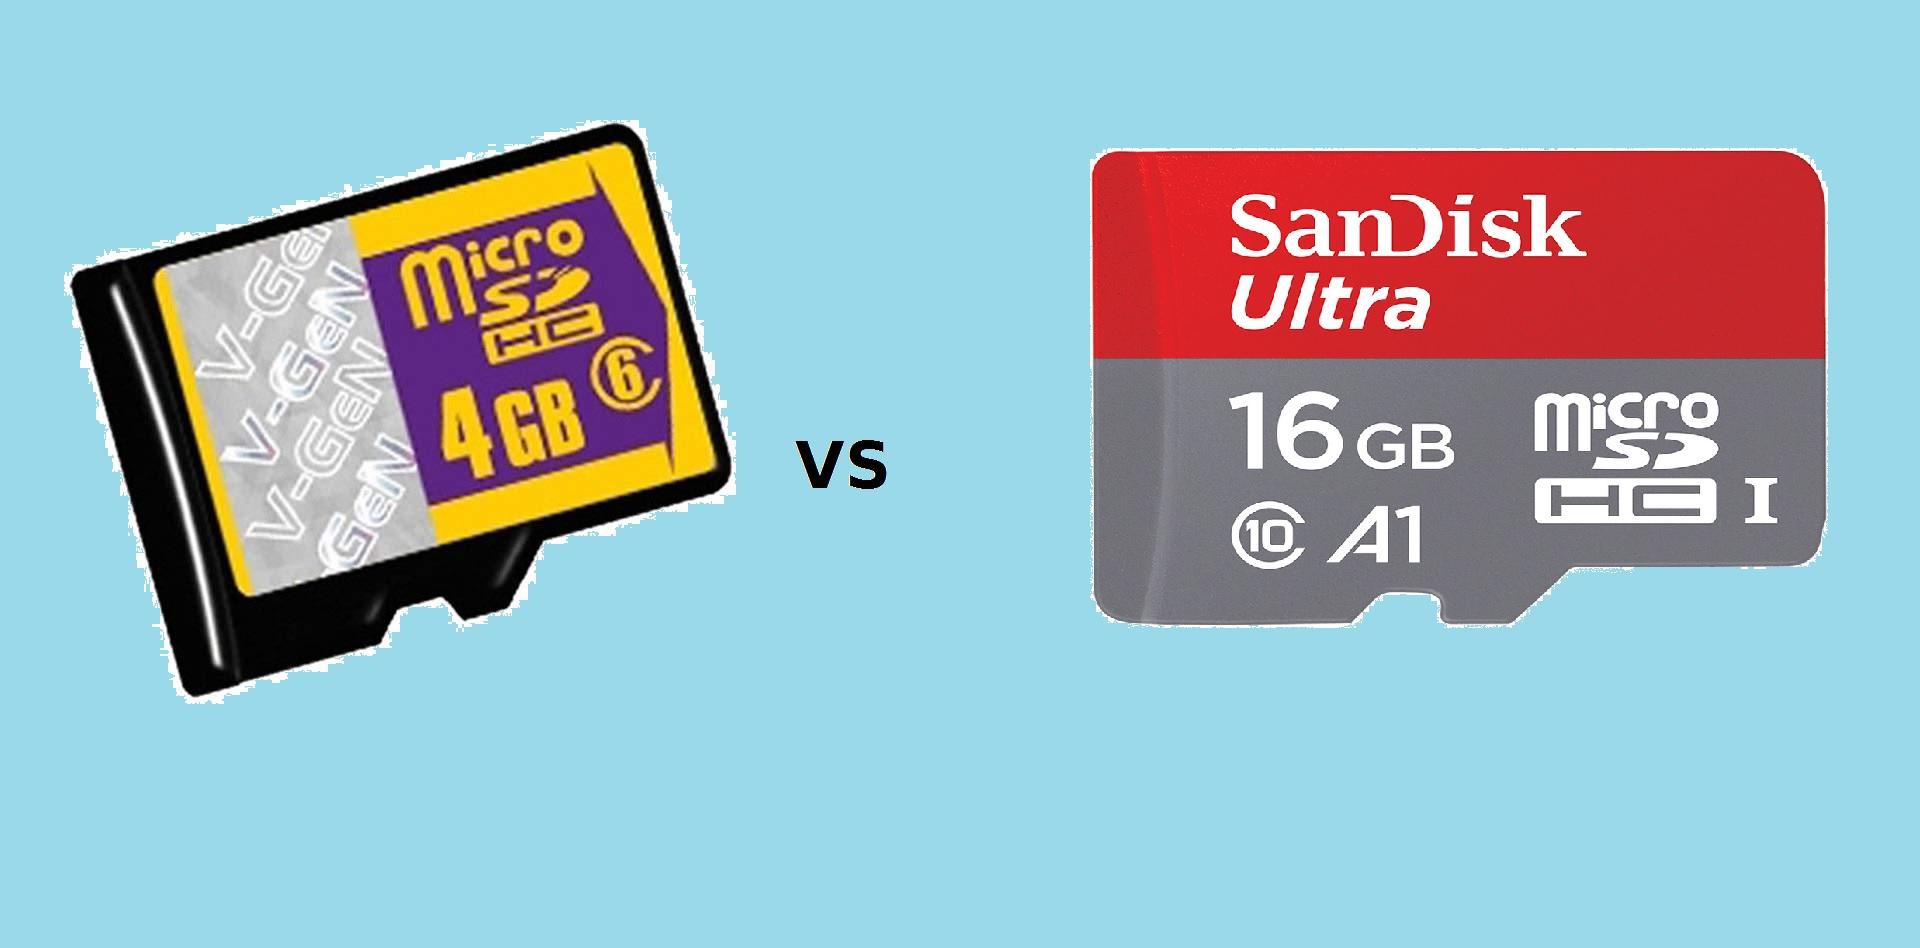 Perbedaan Micro SD Vgen Dengan Sandisk